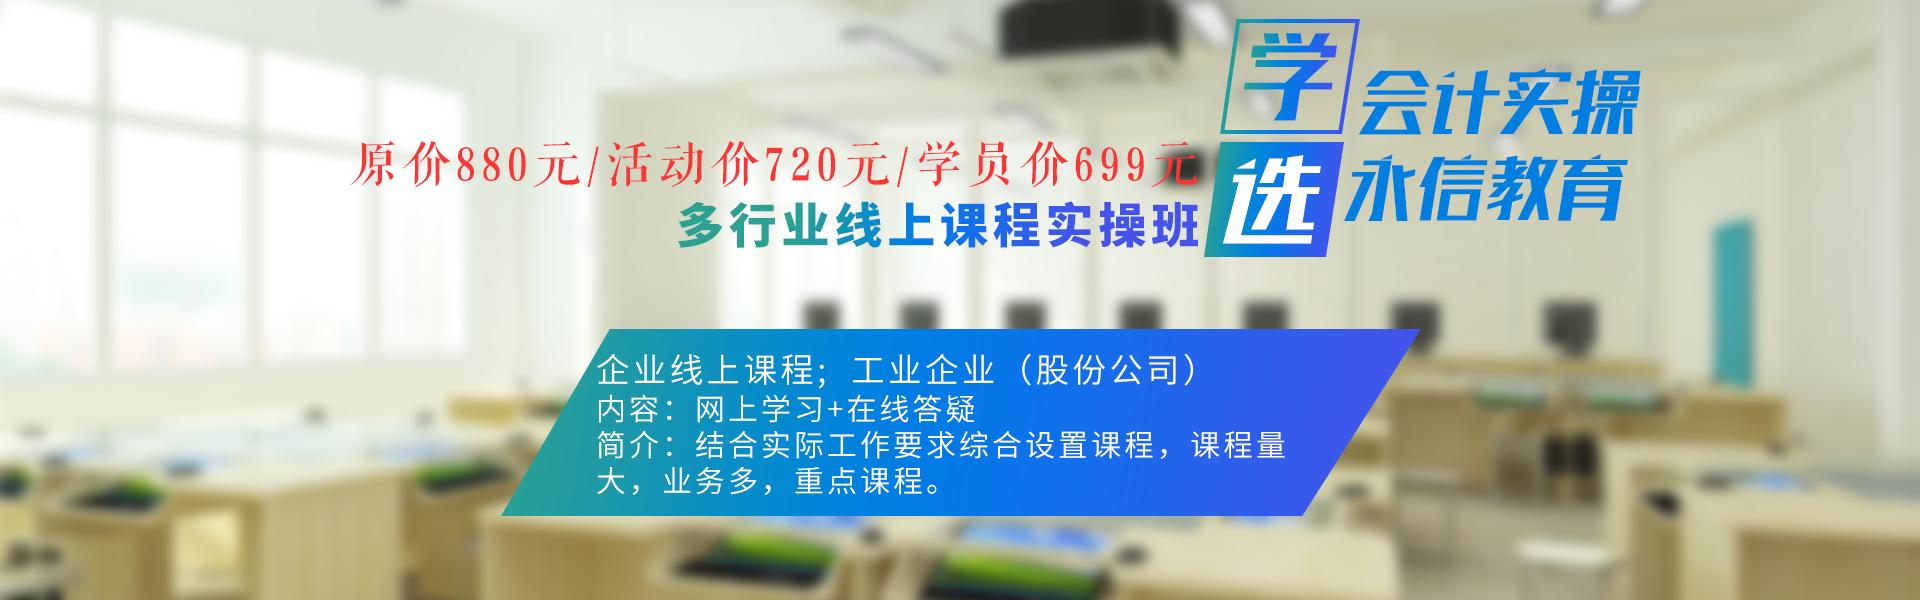 内页banner工业股份.png